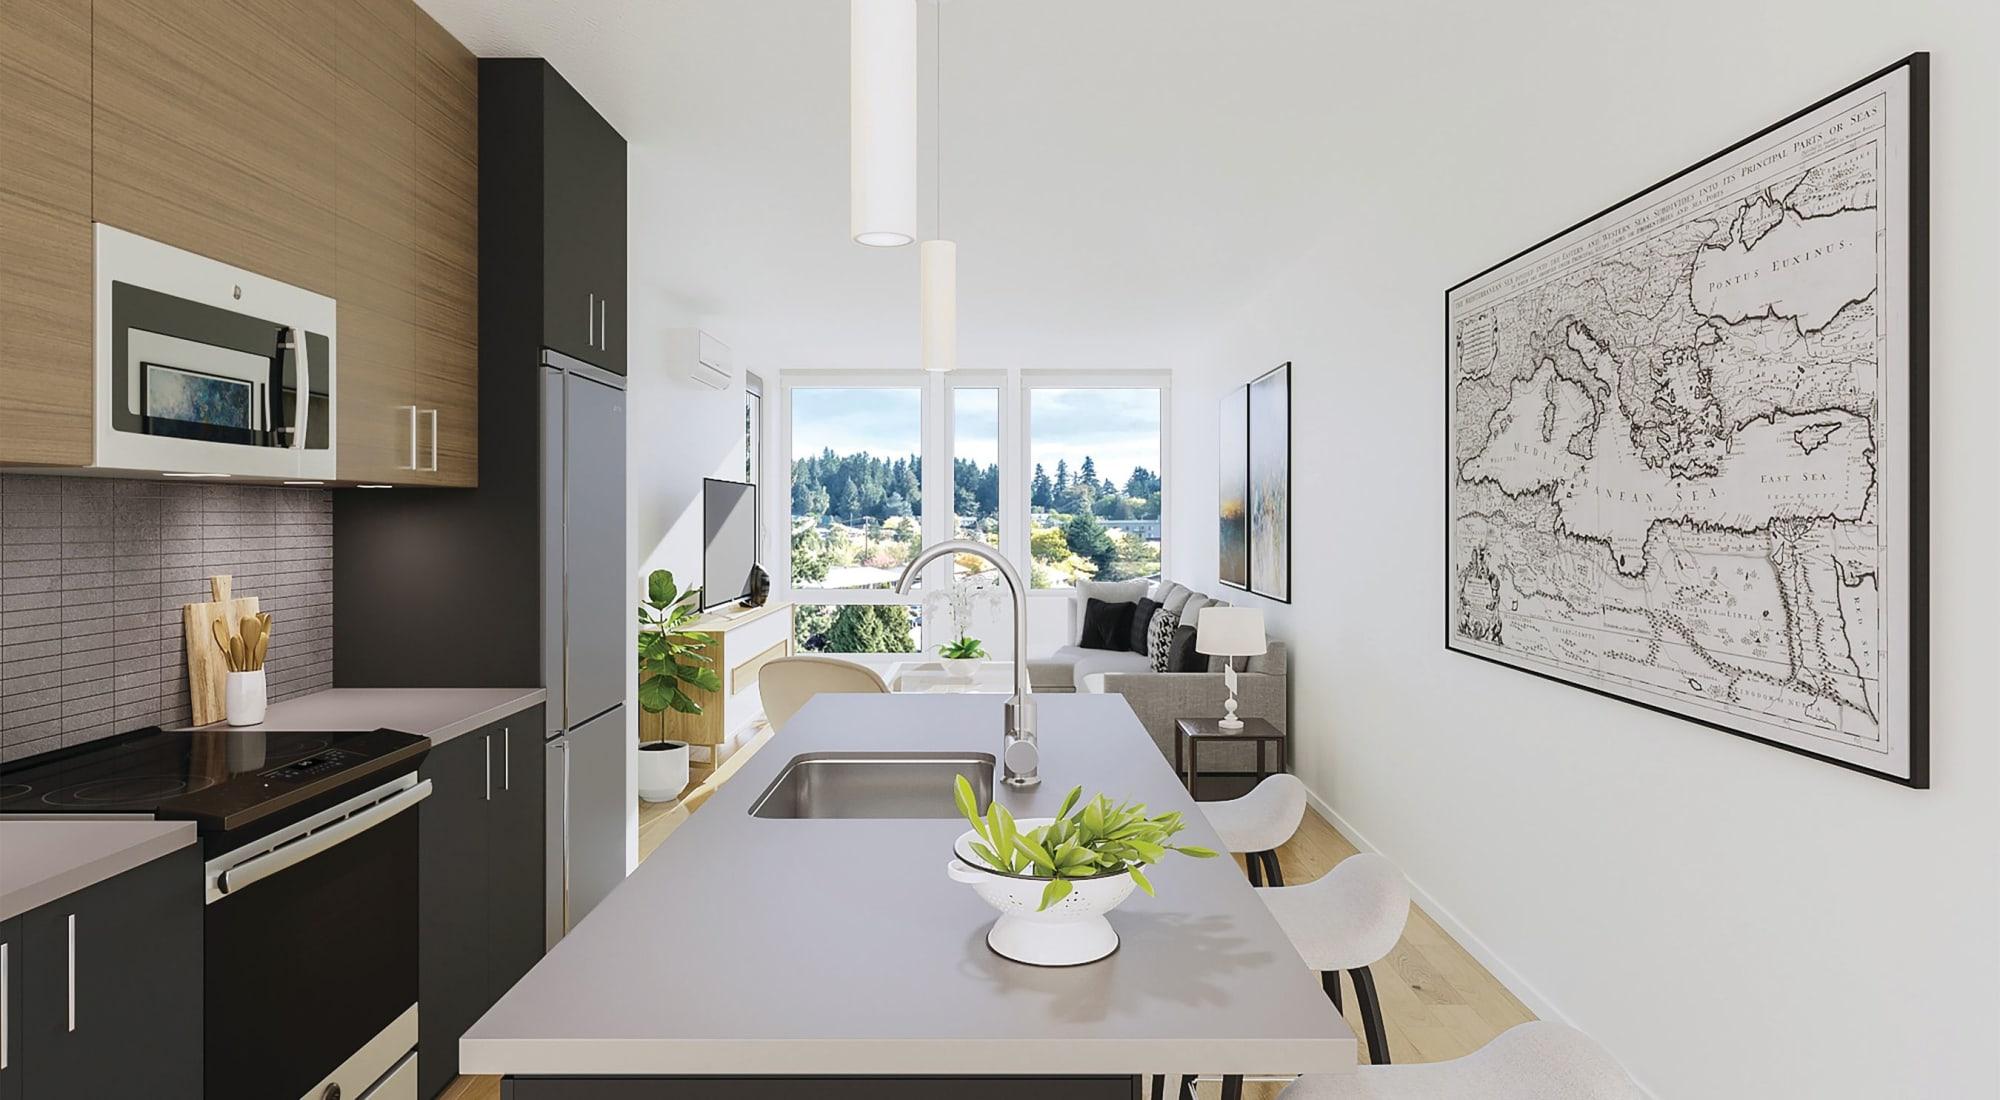 Kitchen at Blackbird in Redmond, WA